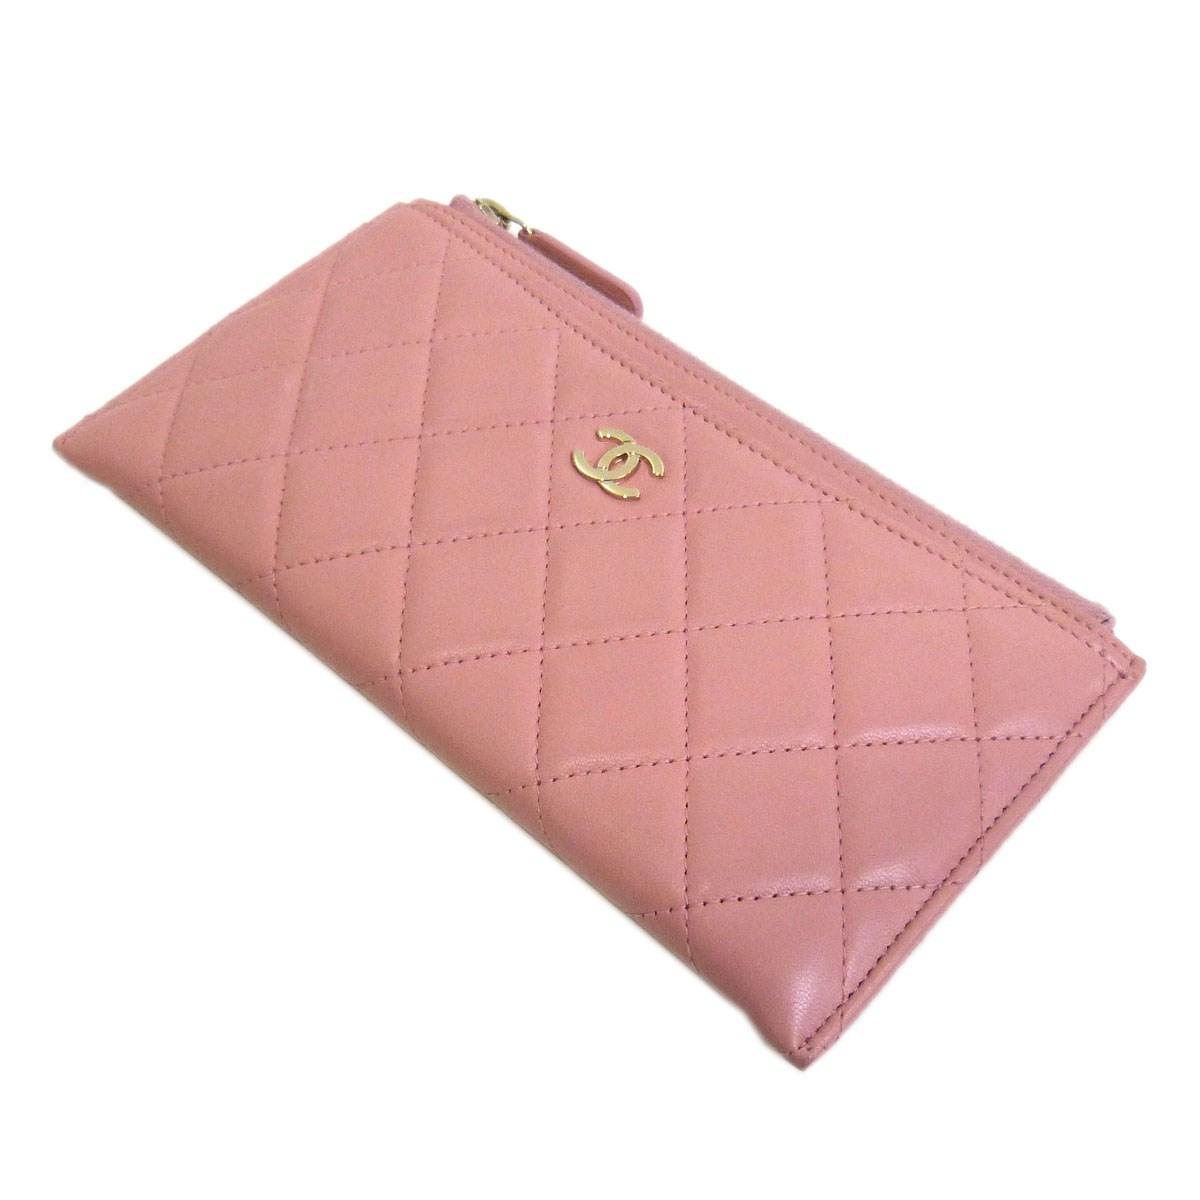 【中古】CHANELマトラッセラムスキン1ジップウォレット ピンク